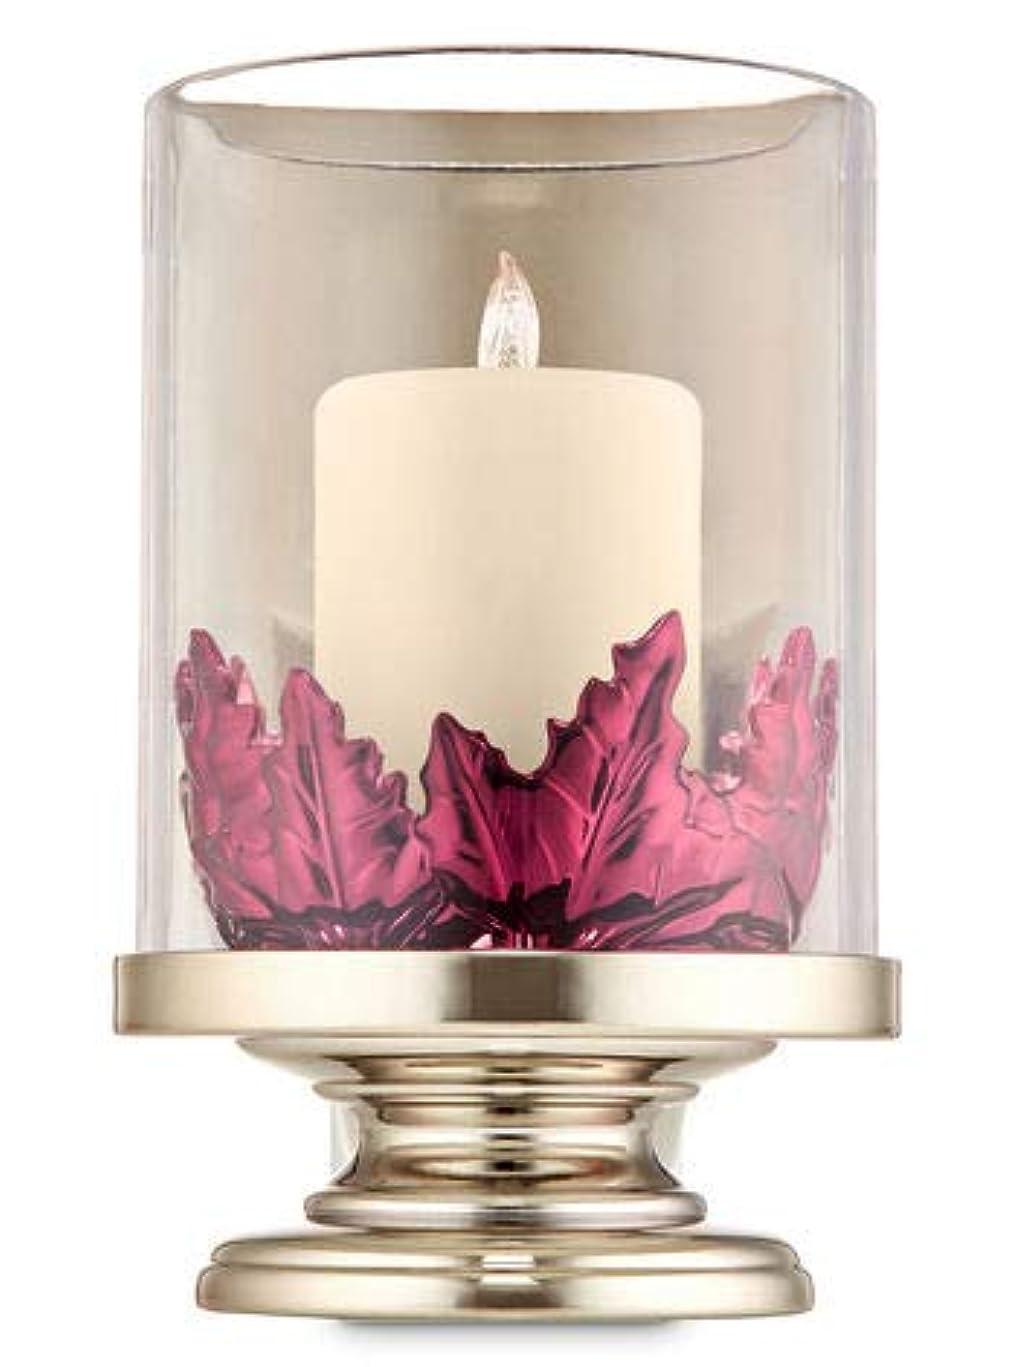 掘る溶接マラドロイト【Bath&Body Works/バス&ボディワークス】 ルームフレグランス プラグインスターター (本体のみ) ピラーキャンドル with リーブス ナイトライト Wallflowers Fragrance Plug Pillar Candle with Leaves Night Light [並行輸入品]